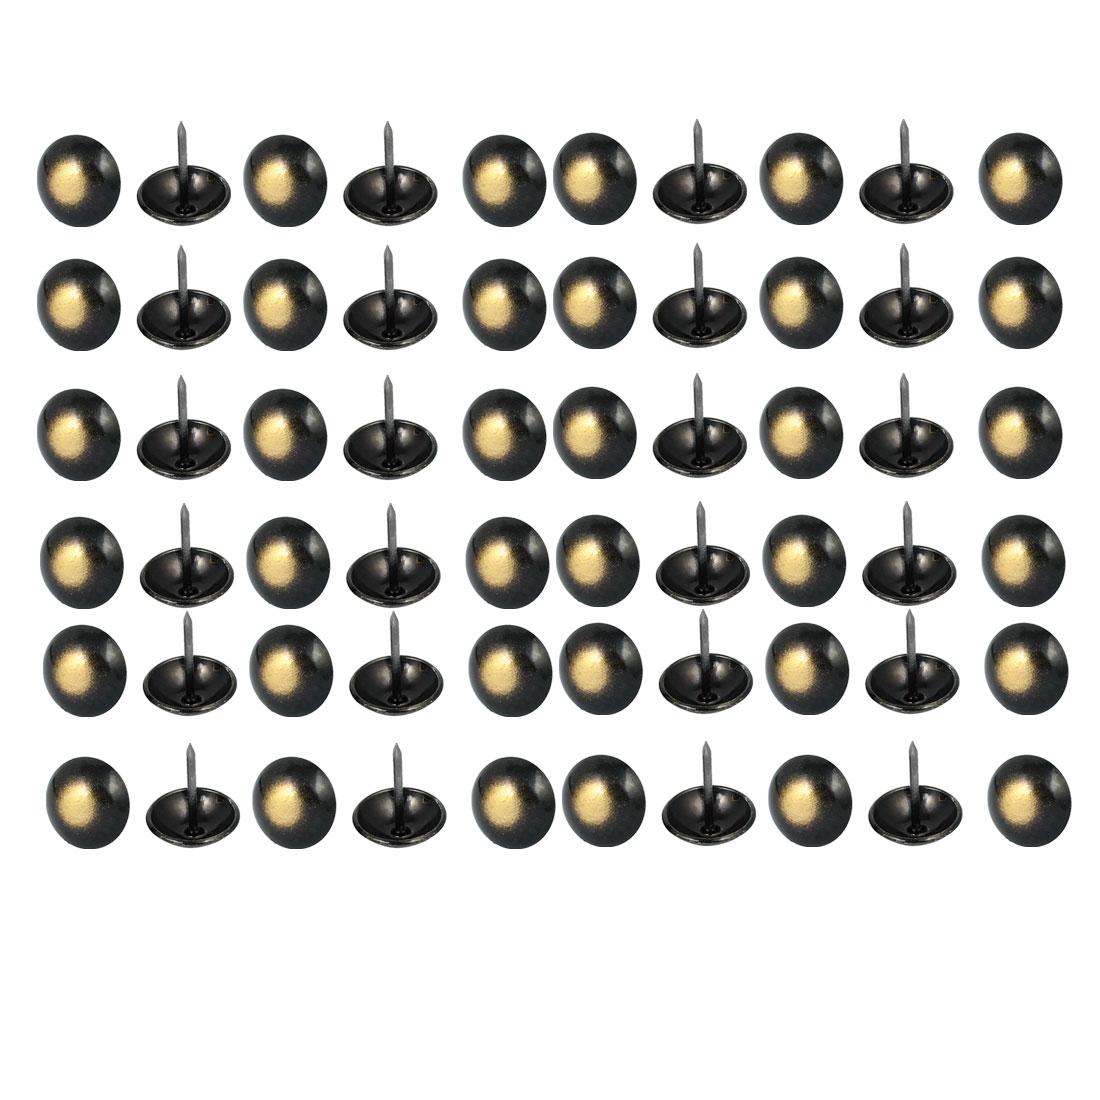 19mm Dia Upholstery Tack Nail Decorative Thumbtack Push Pin 60PCS